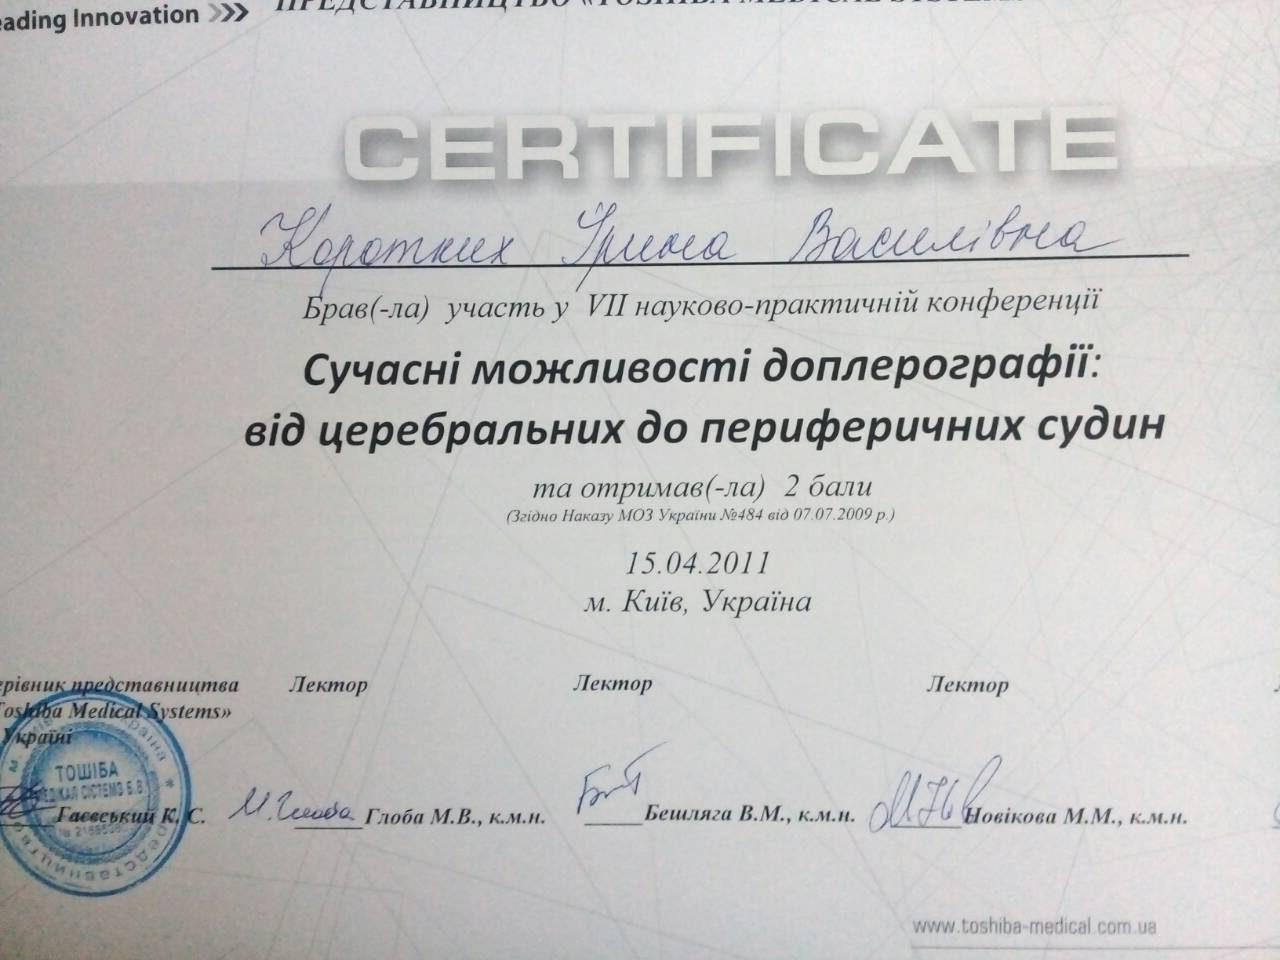 Коротких Ирина Васильевна 04